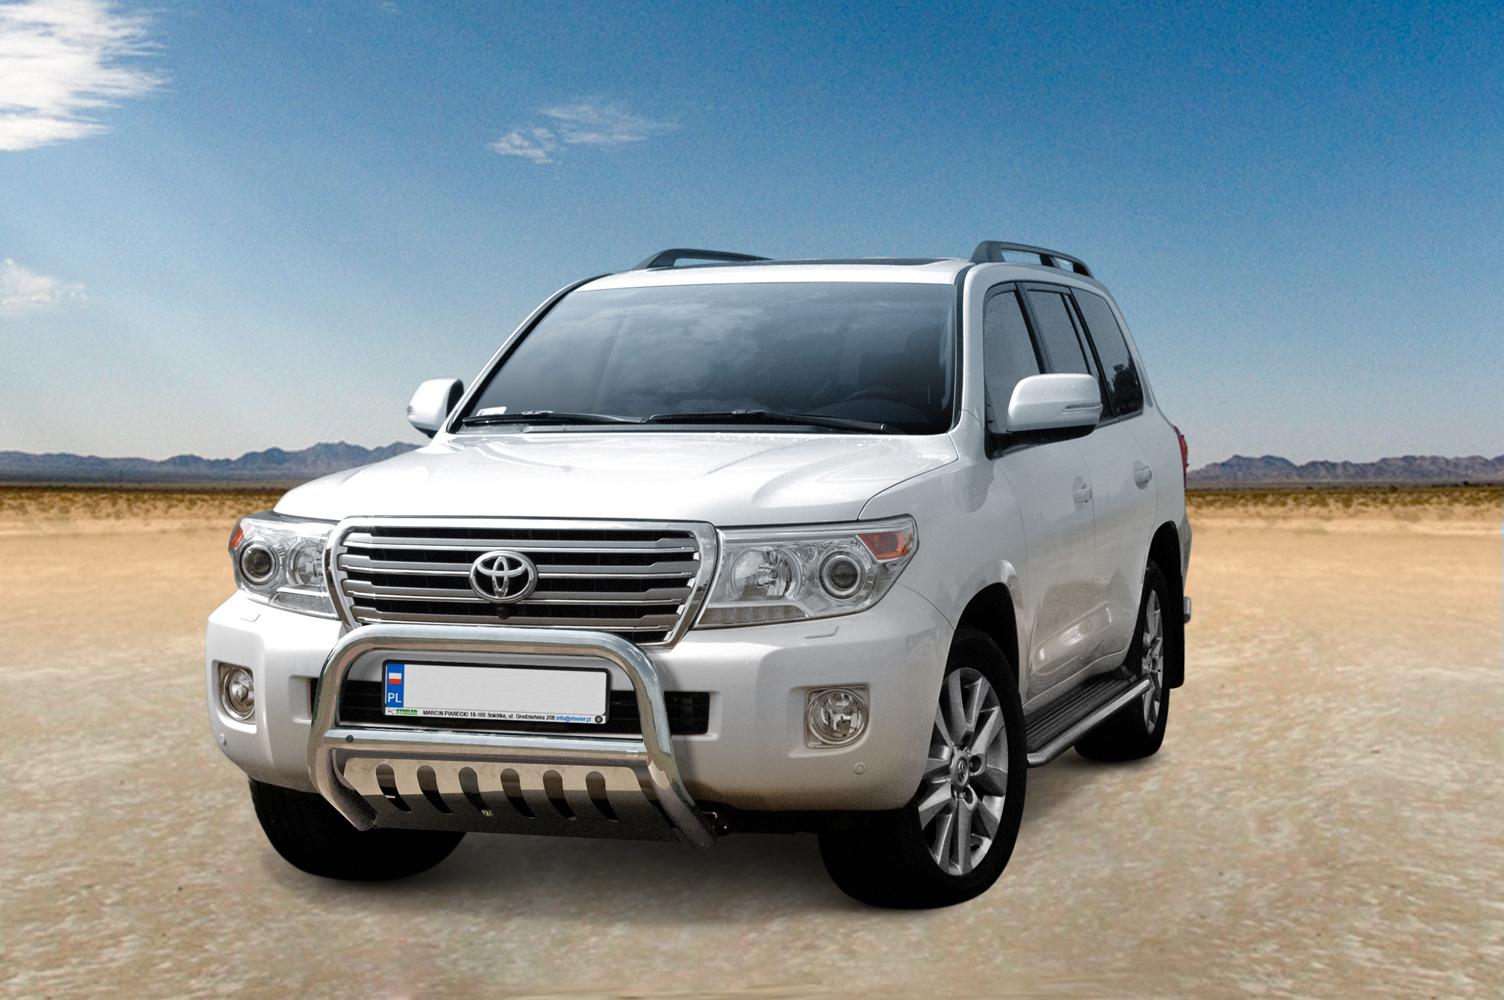 EU-Kufanger Ø 70mm/Ø 60mm, underkjørseksjon (plate), Toyota LAND CRUISER V8, mod. 2012->2016